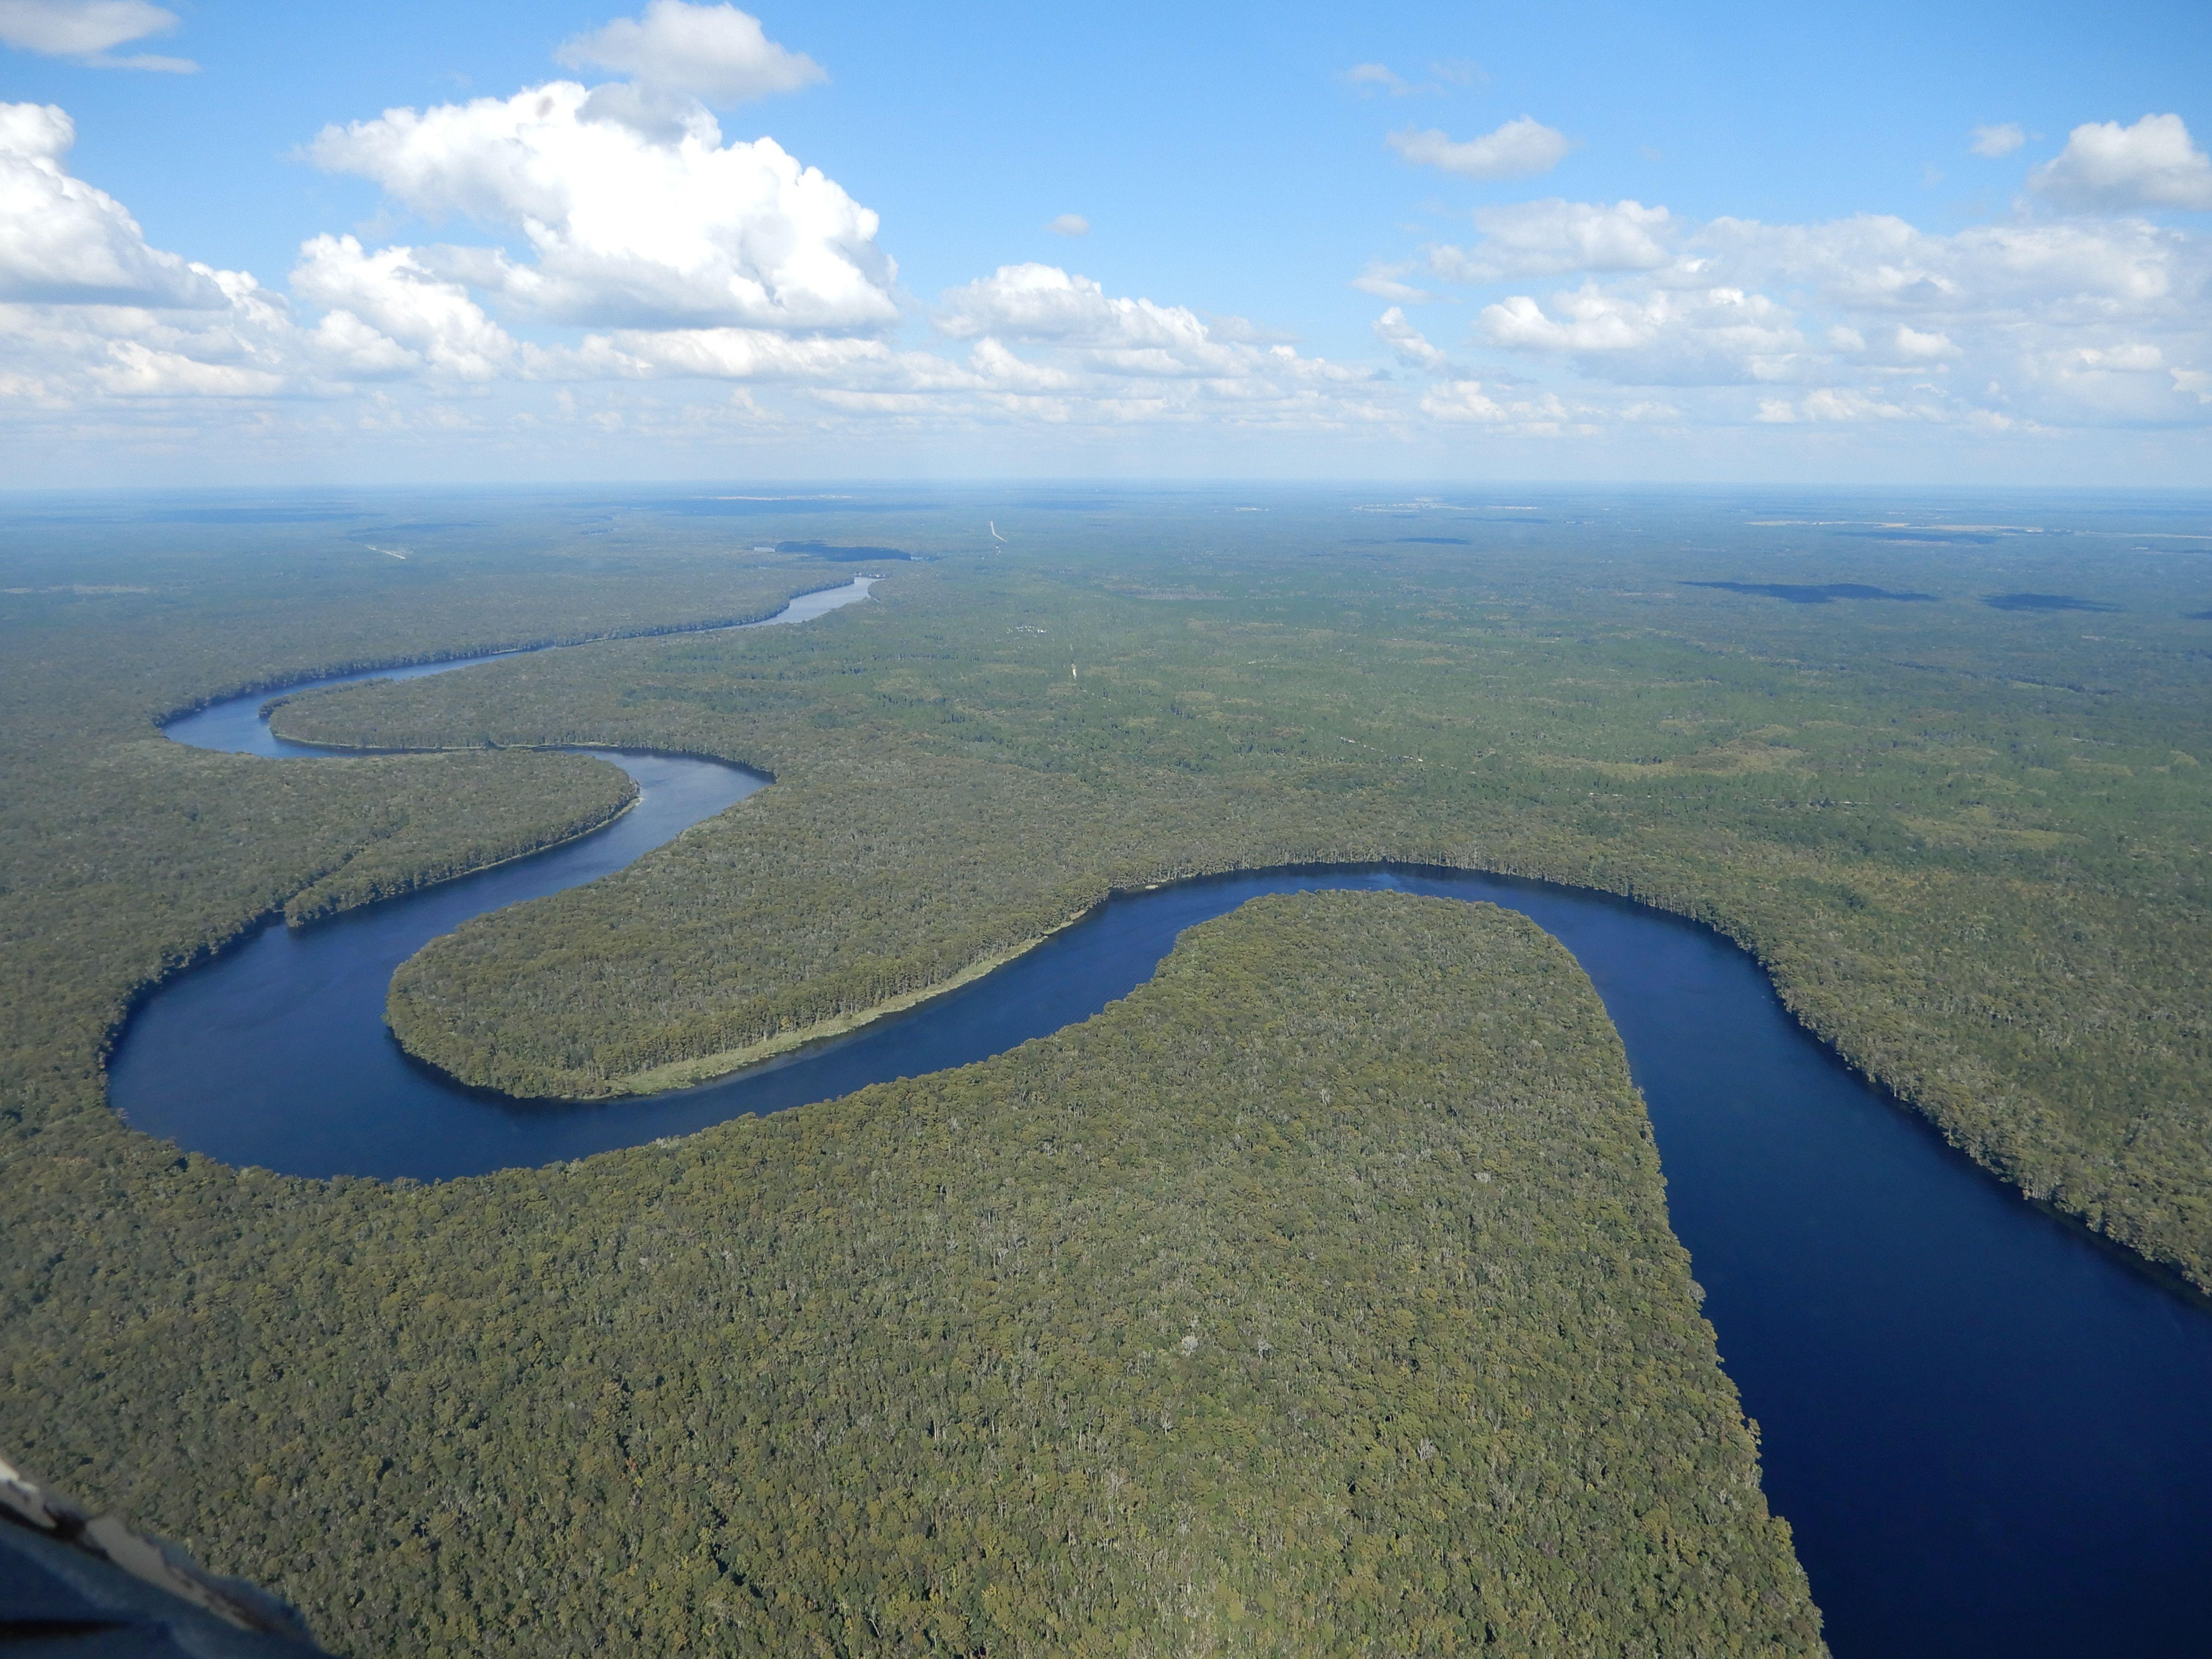 Džunglí vonící Suwanee river plná aligátorů a dalších druhů floridské divočiny